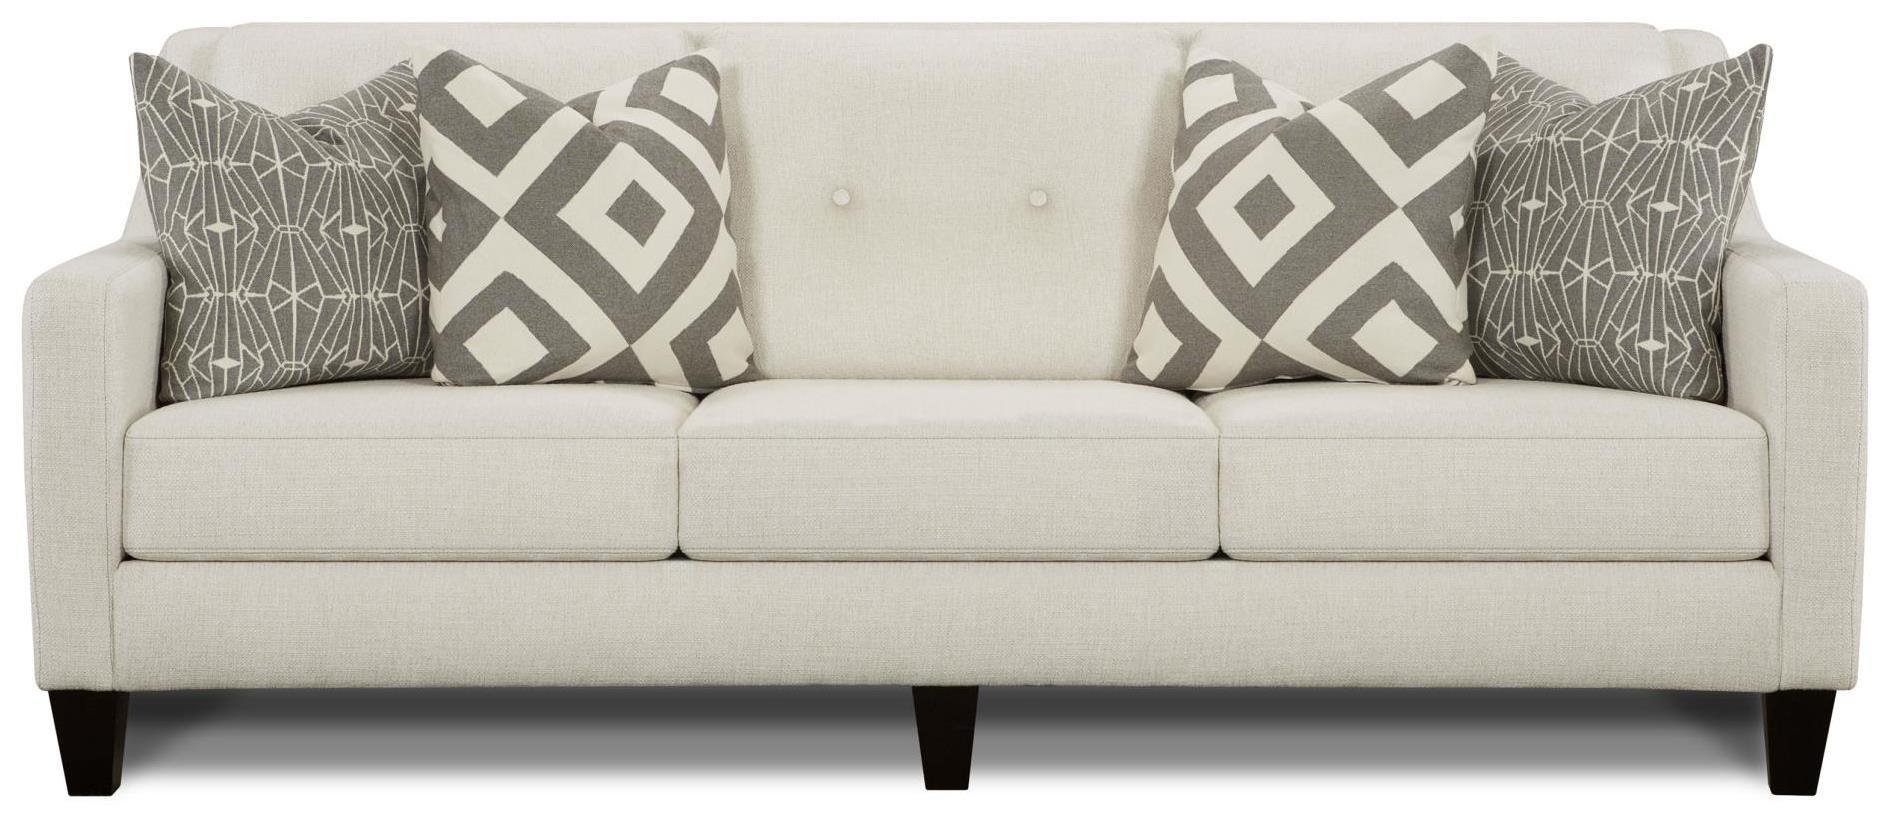 Emblem Contemporary Sofa with Track Arms